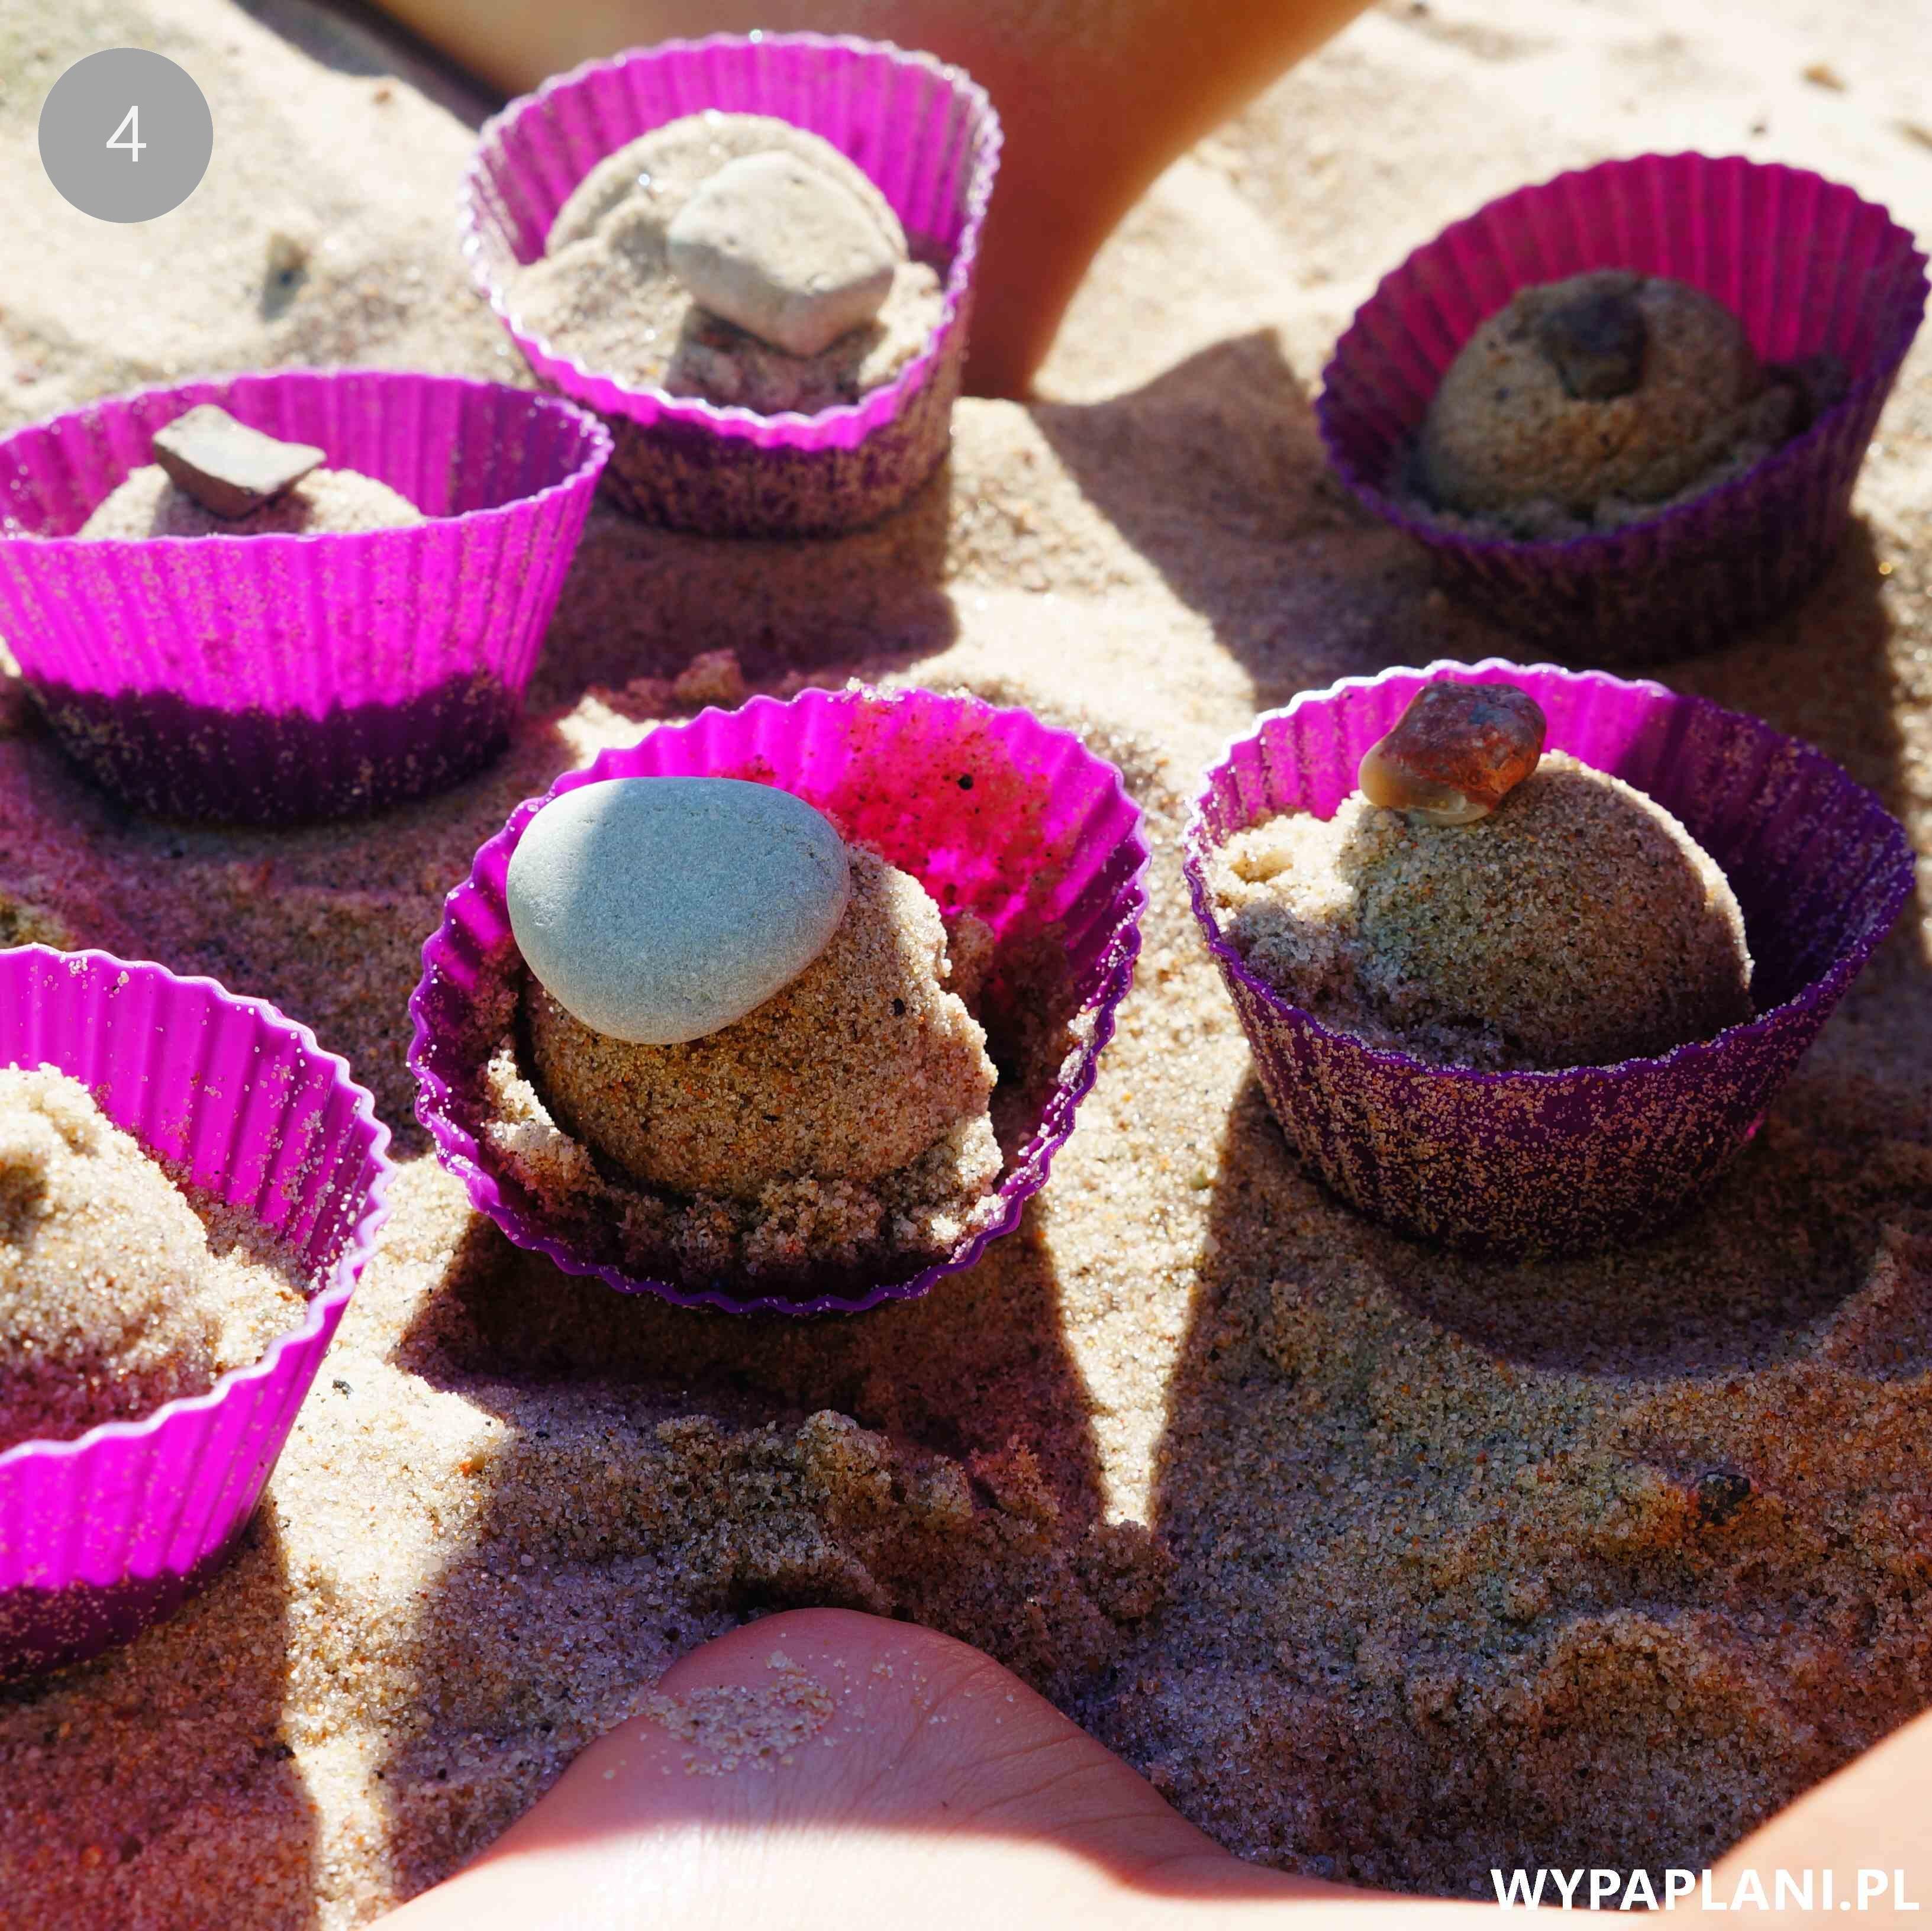 017_top zabawki do piasku piaskownicy na plażę